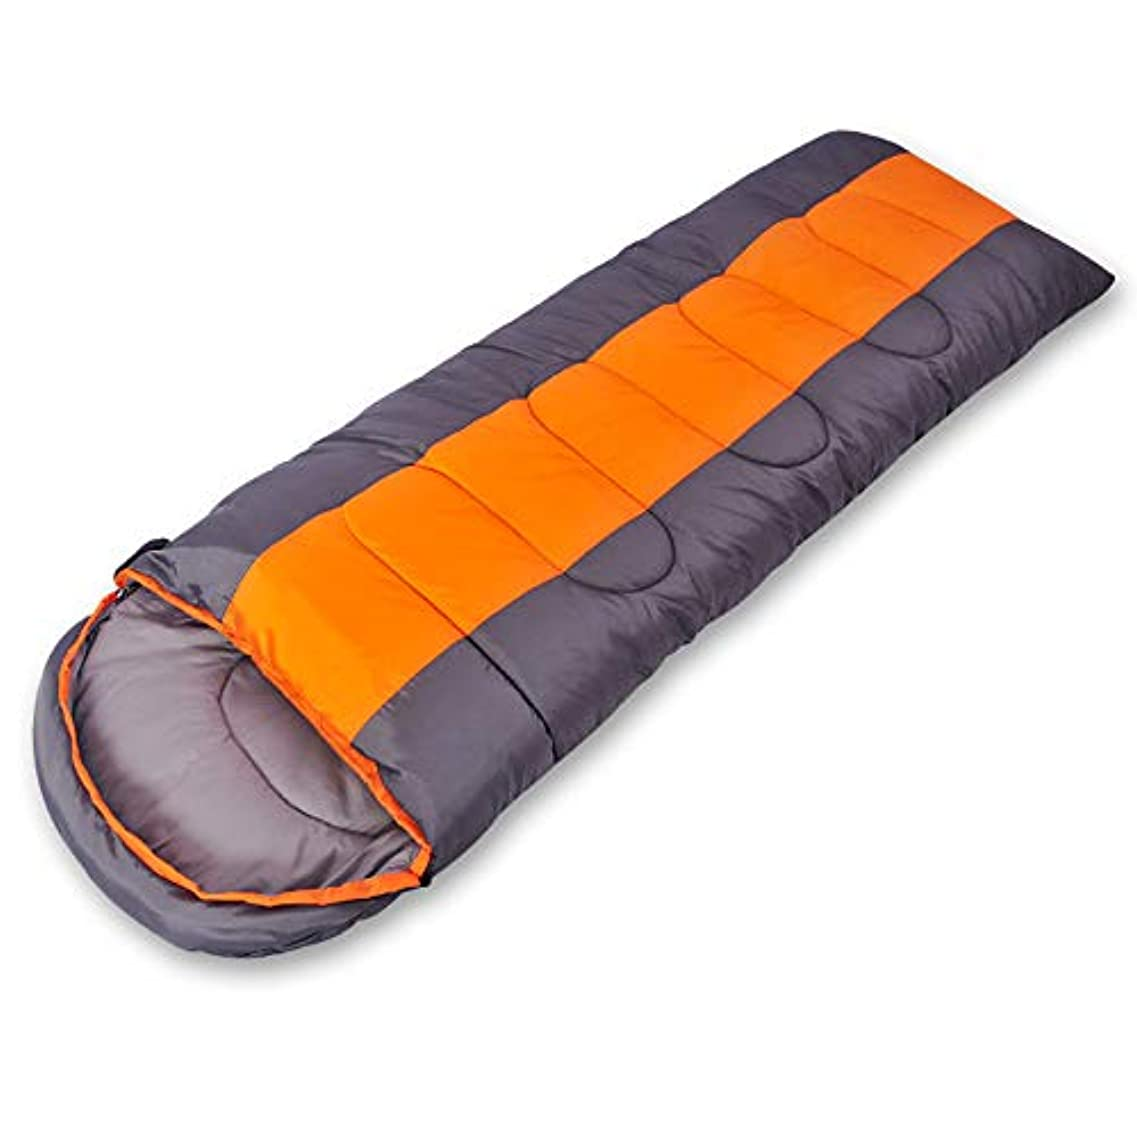 兄贅沢レンダリング大人のアウトドアキャンプランチブレイク寝袋旅行トリップキャンプシングルダブル缶戦い広がる寝袋